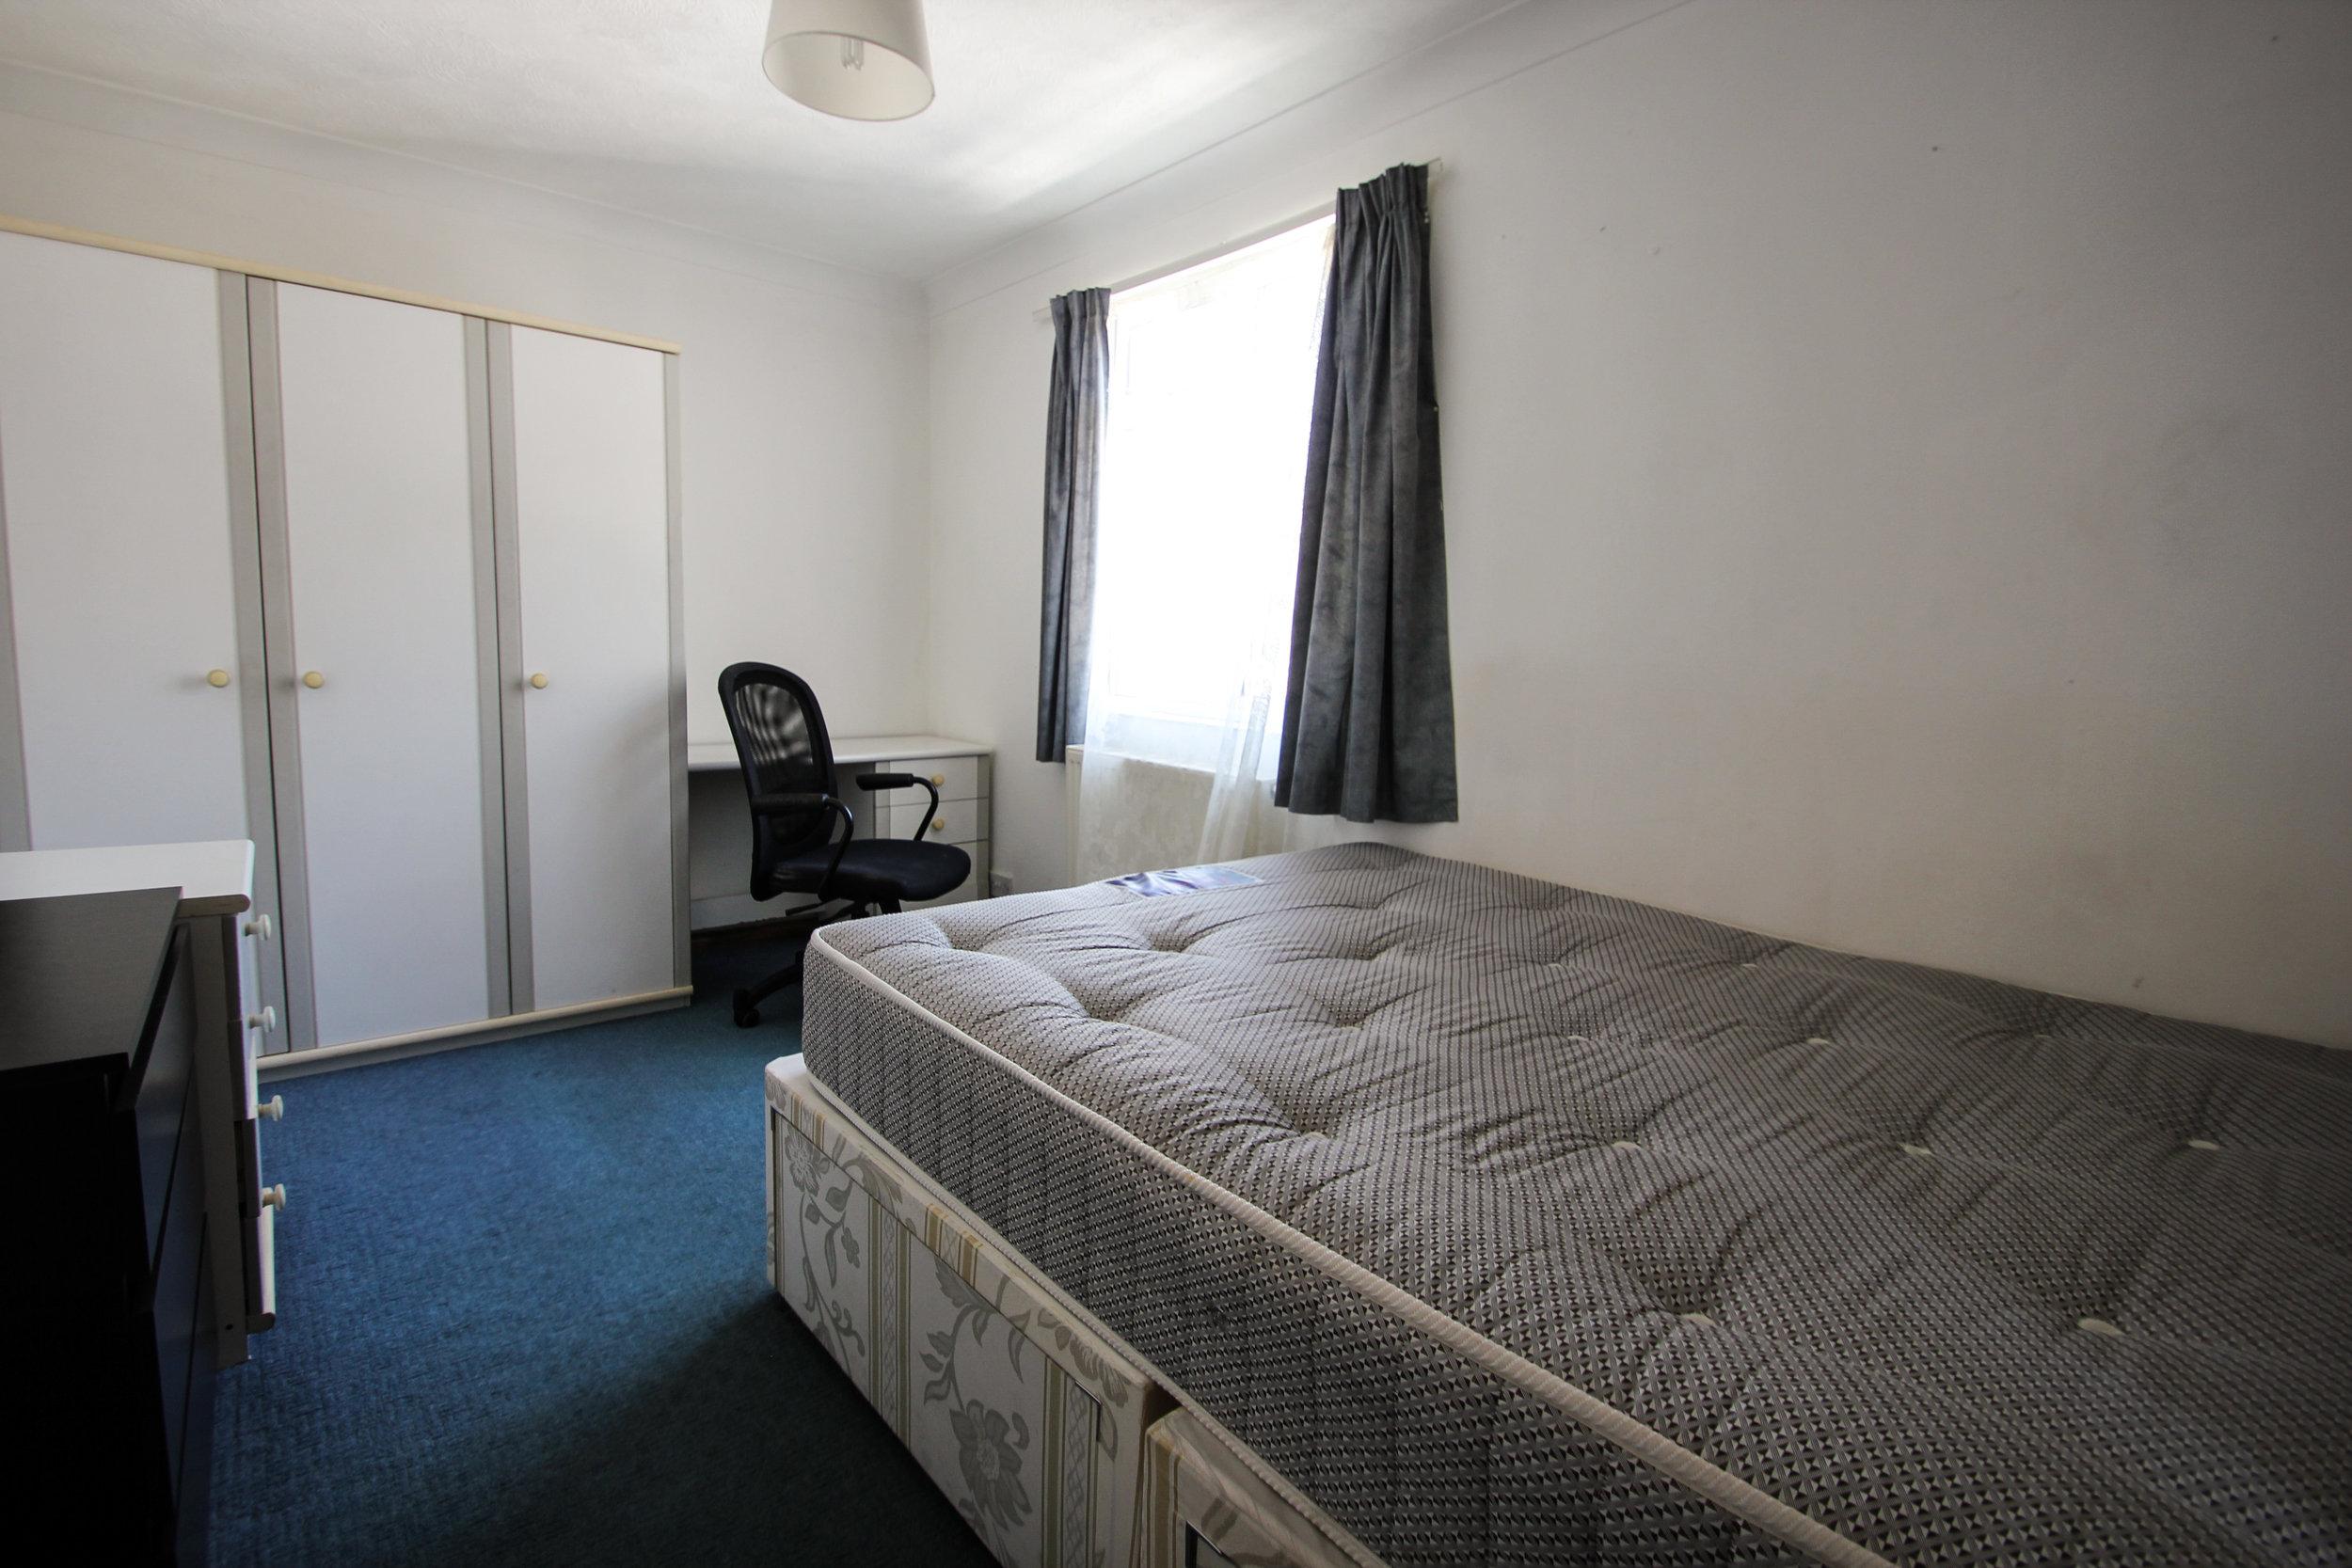 IMG_7724_edited.jpg bedroom 4.jpg